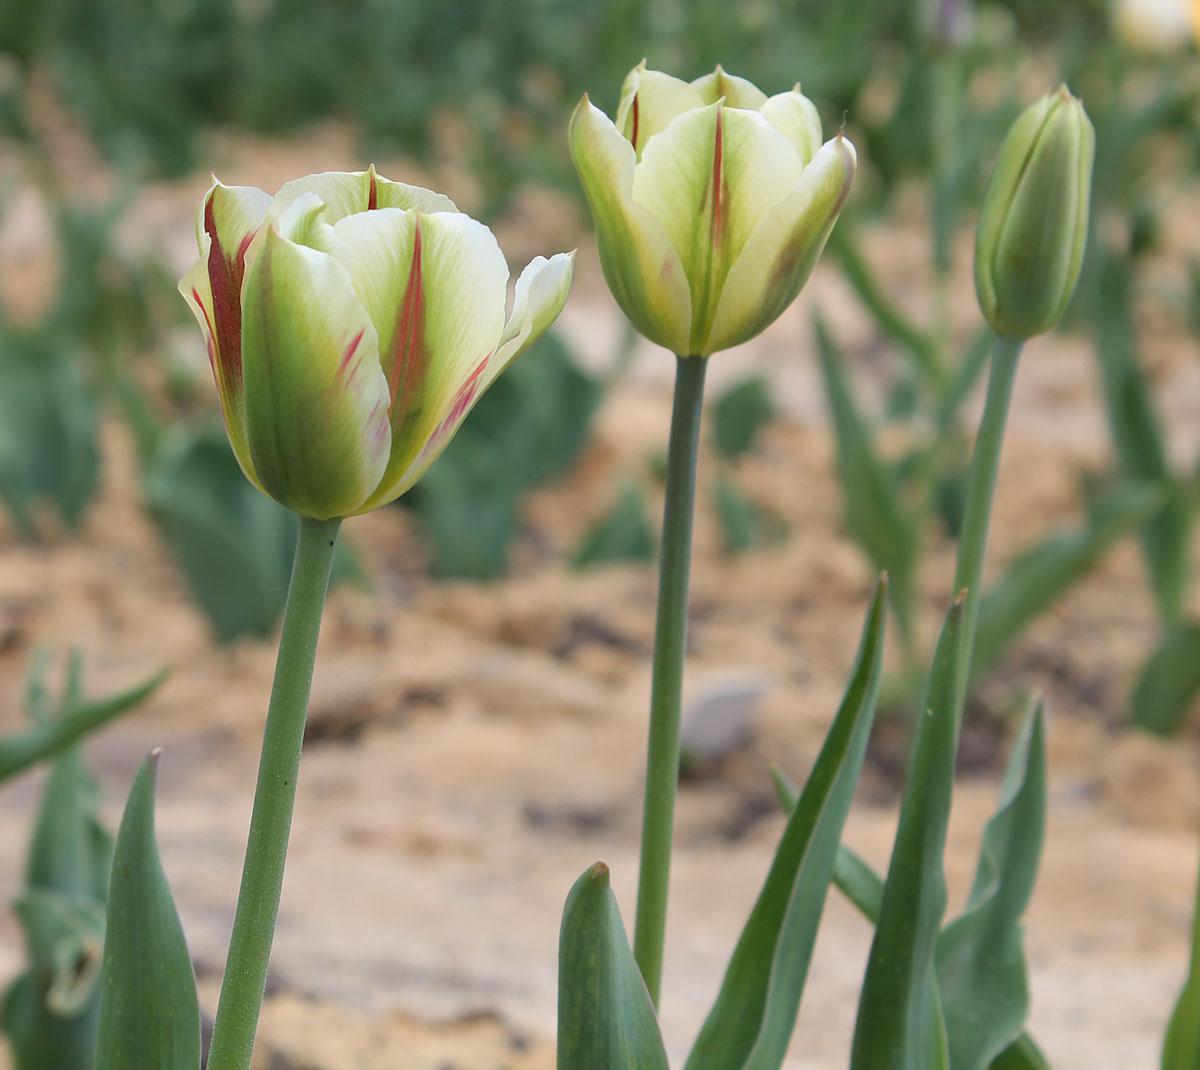 Тюльпаны 'Flaming Springgreen' в коллекции Центрального ботанического сада НАН Беларуси; 10.V.2016